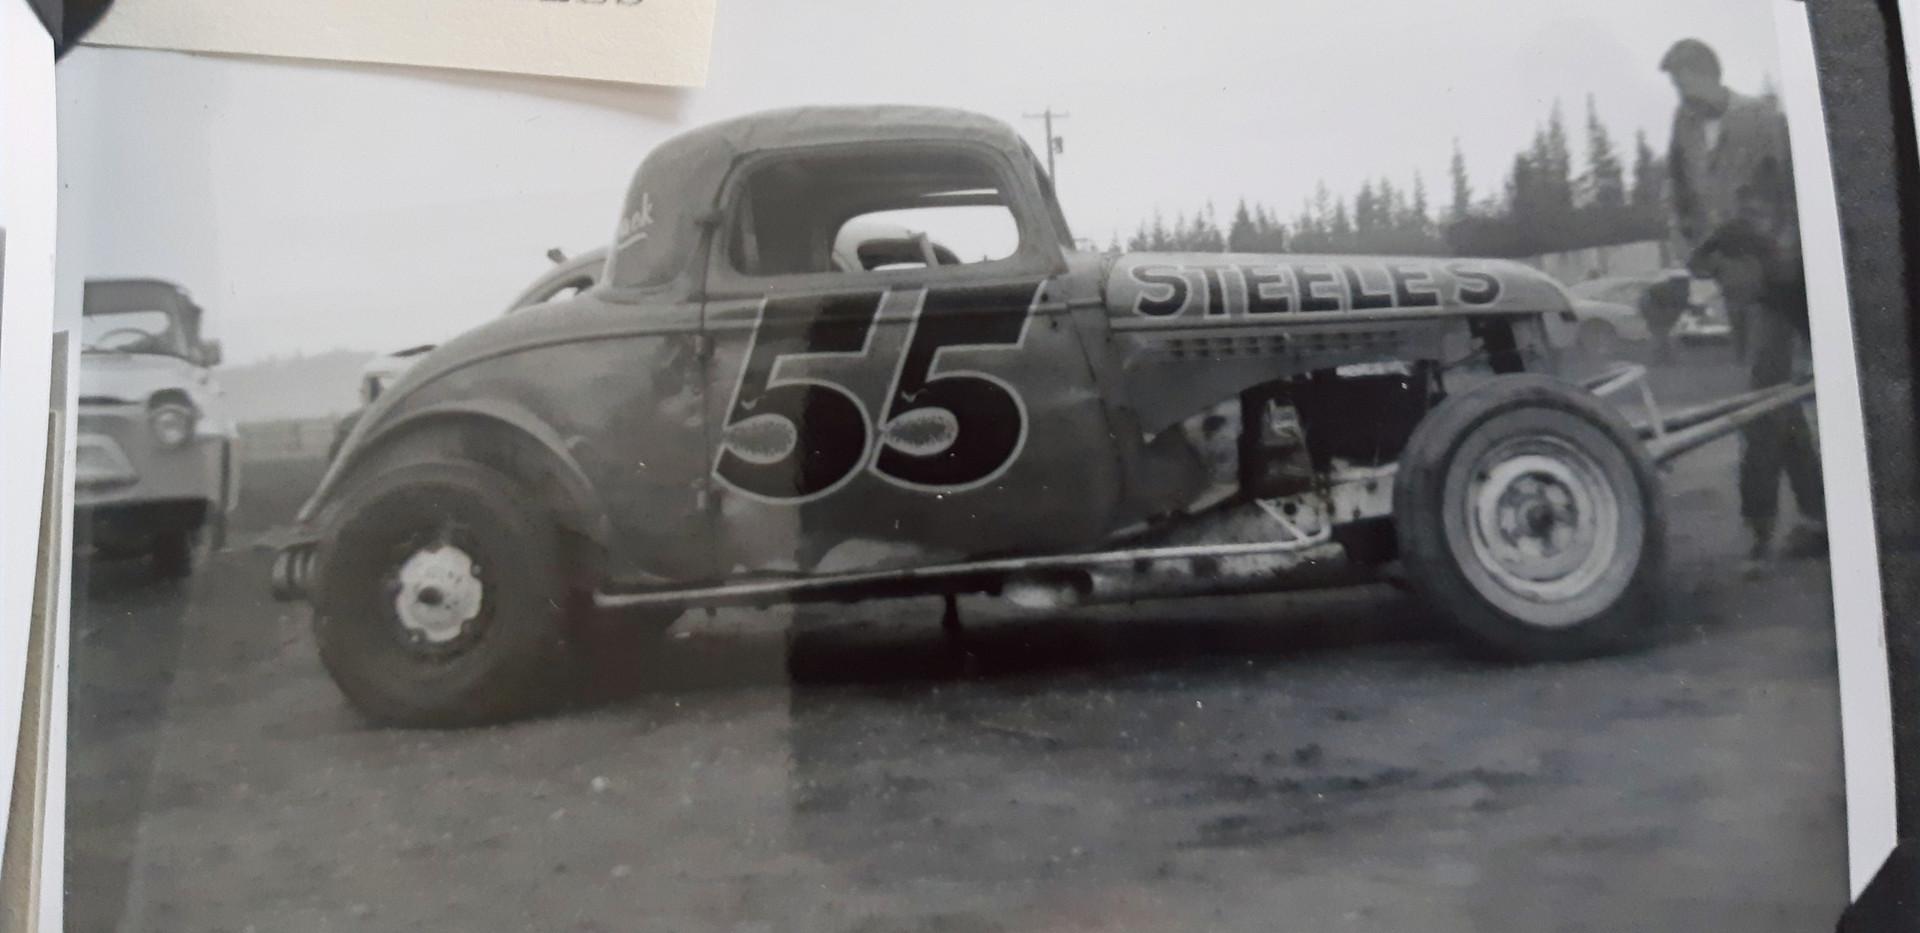 #55, Jack Steeles